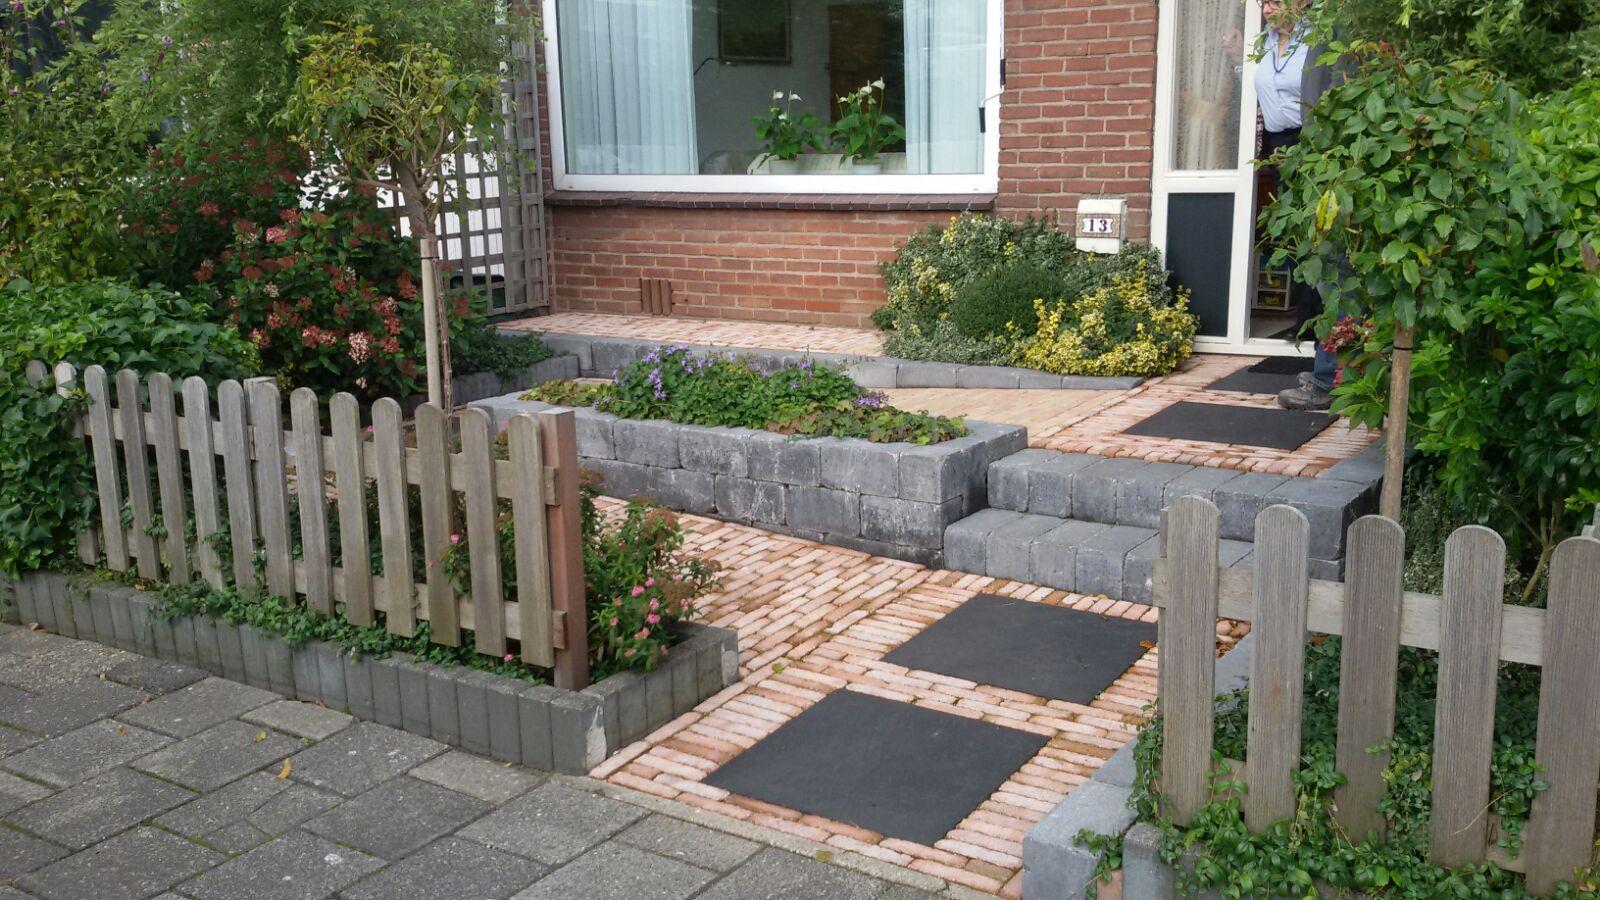 Fotoboek van der molen groenvoorzieningen for Bestrating kleine tuin